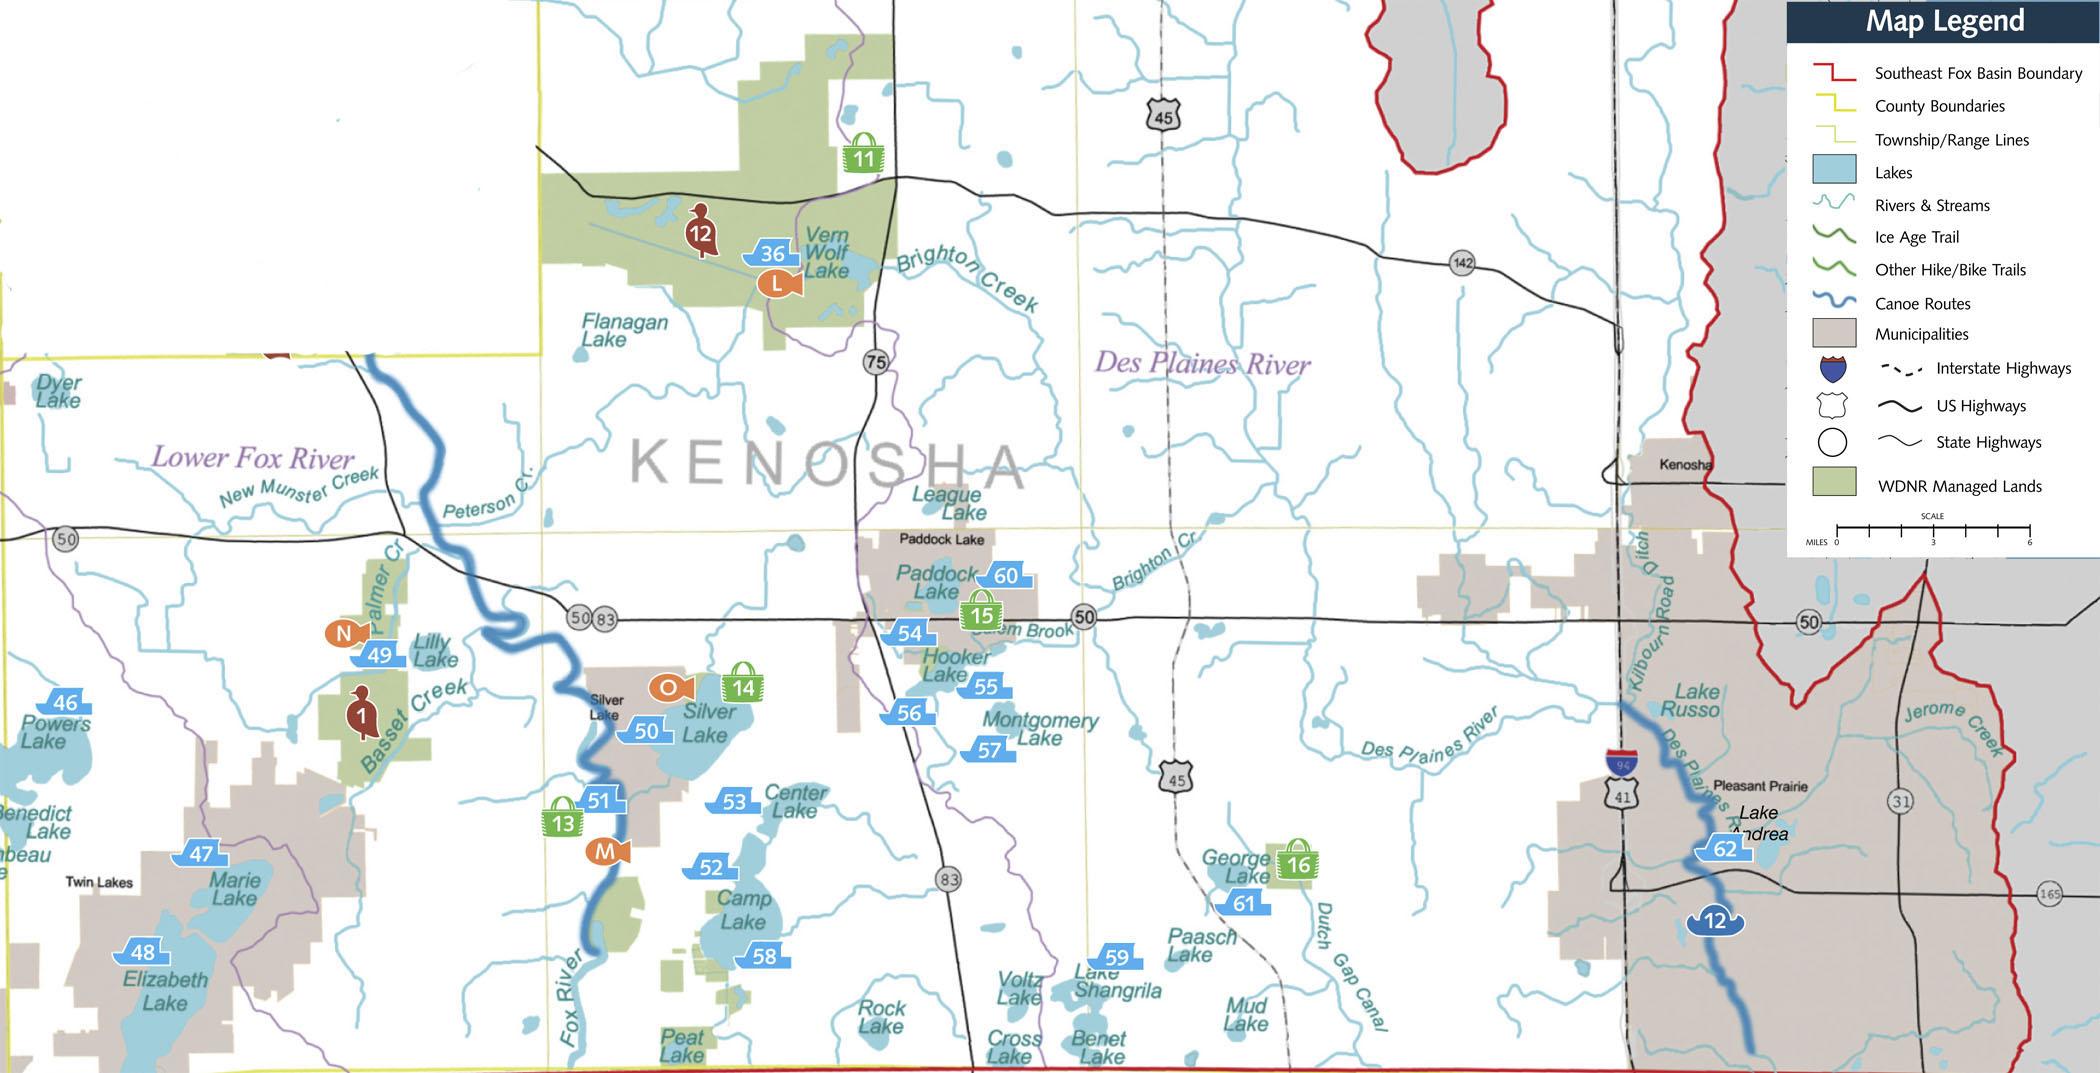 Kenosha County  Southeast Fox River Partnership